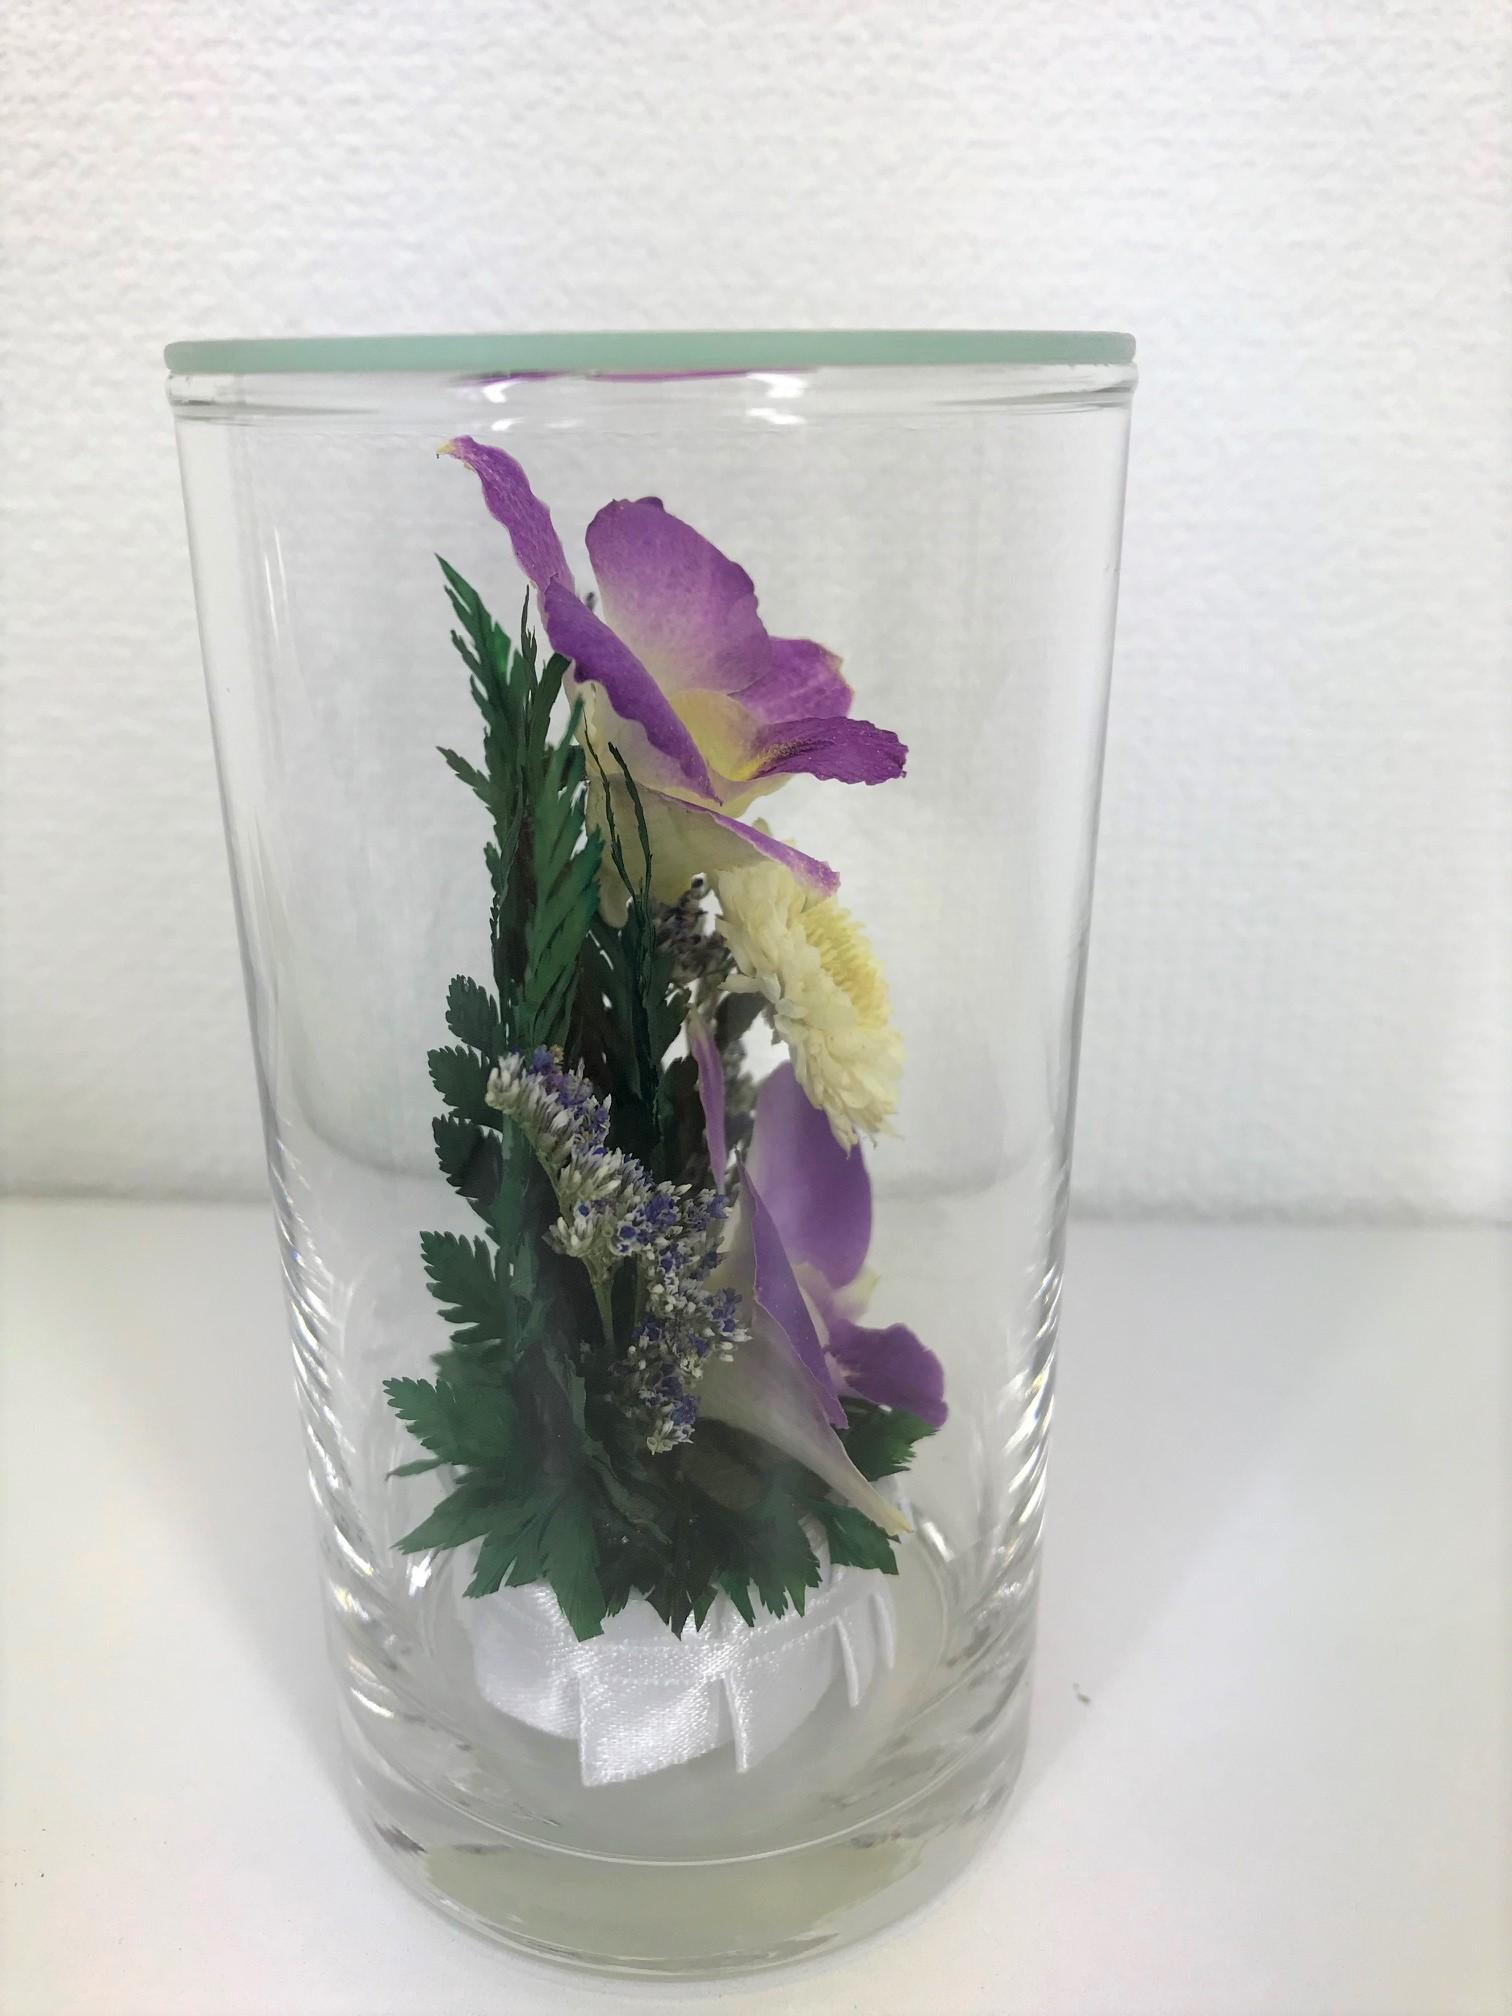 お盆のお供えに 仏花 ドライフラワー 双紫(そうし) 1個 - 7